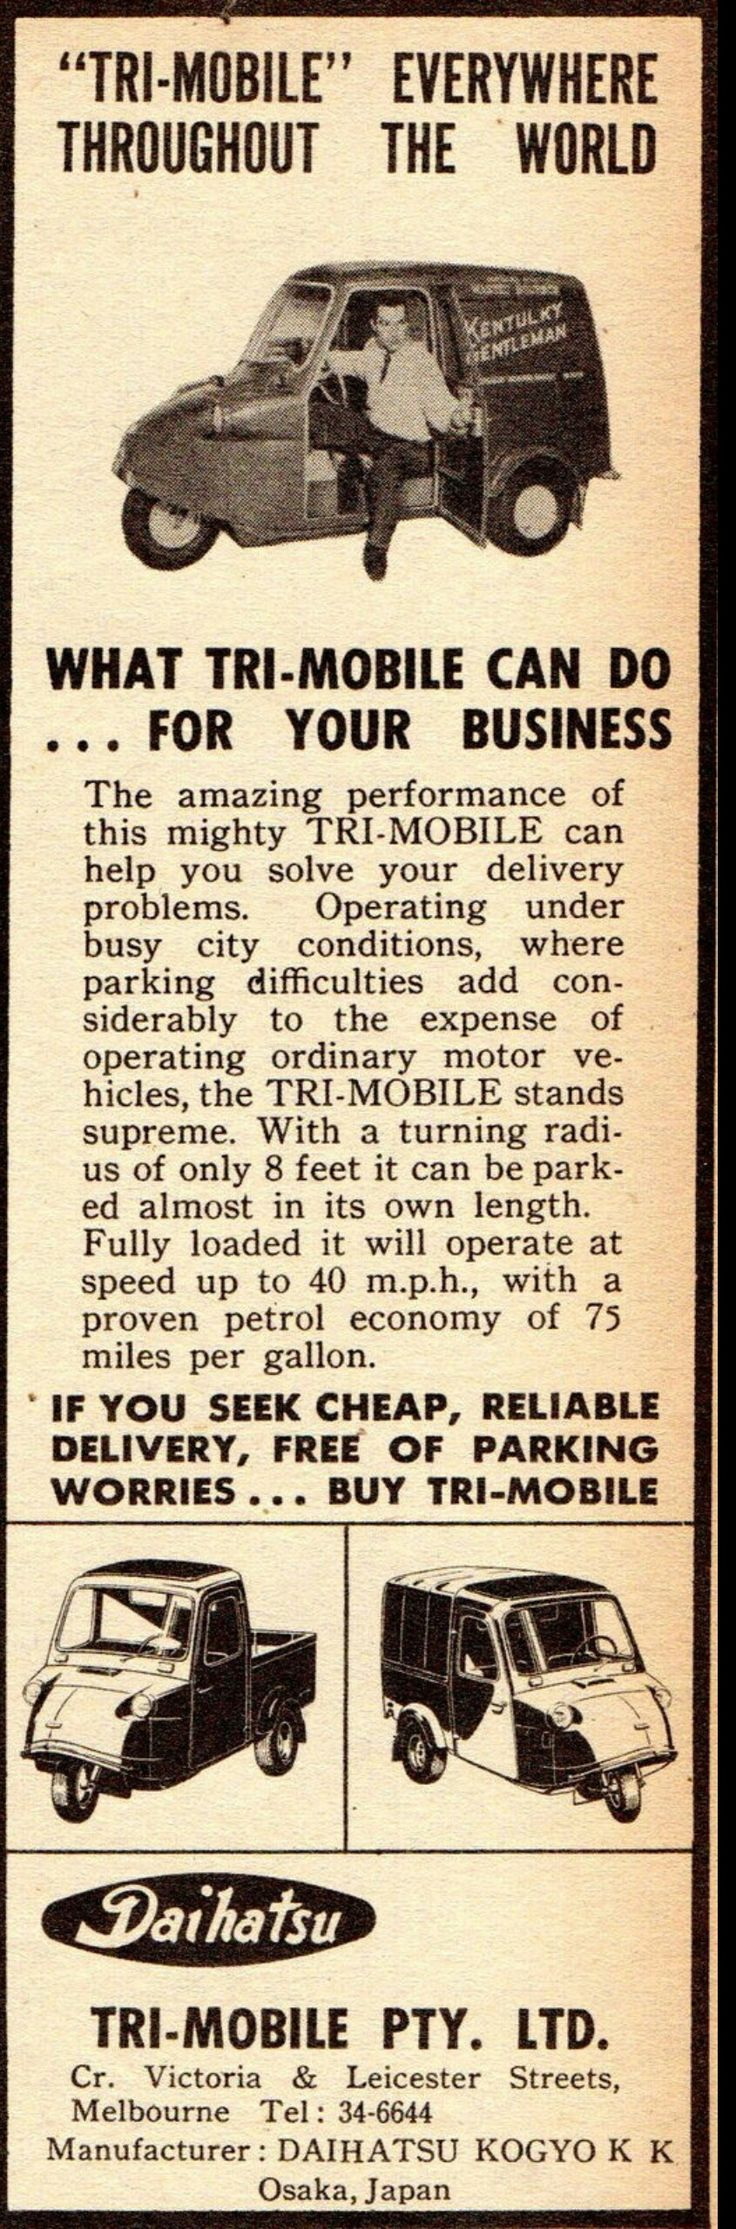 1960 Daihatsu Tri-Mobile - Australia